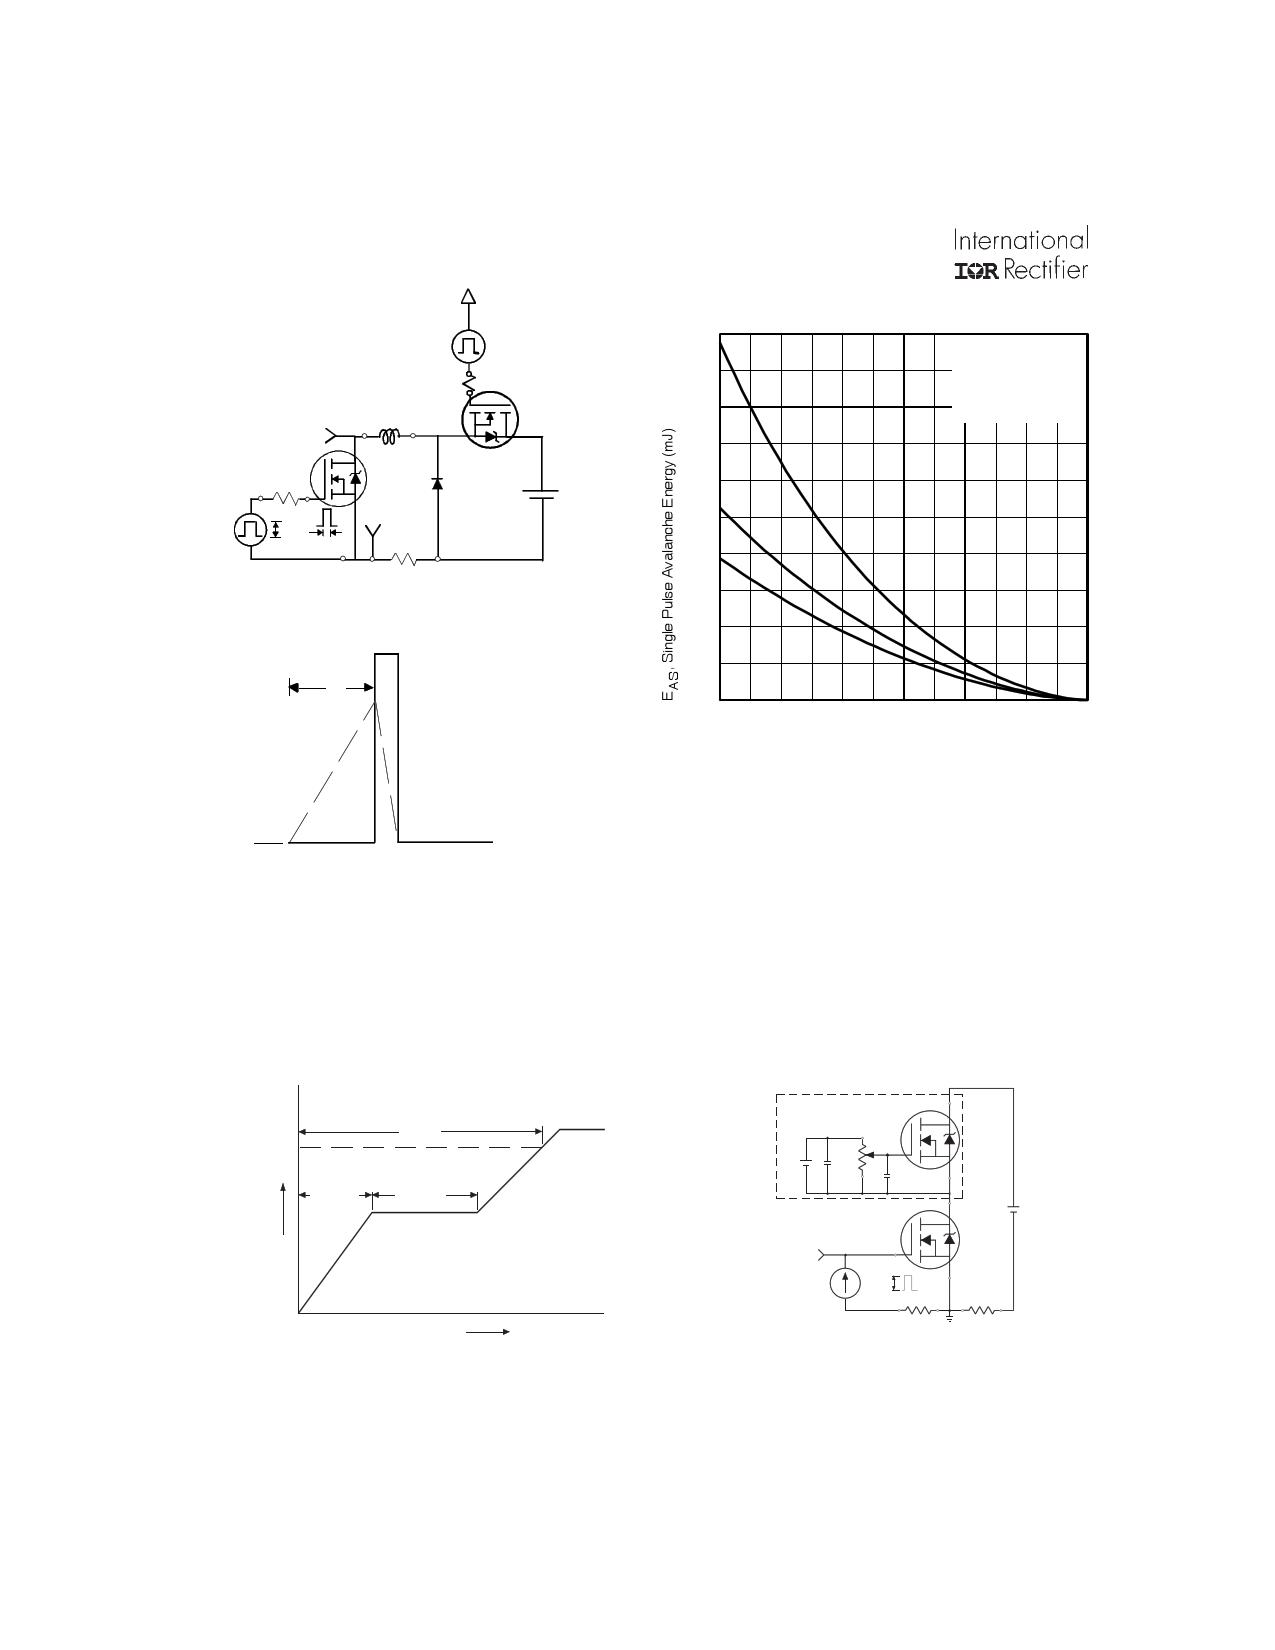 IRL3716SPbF 電子部品, 半導体